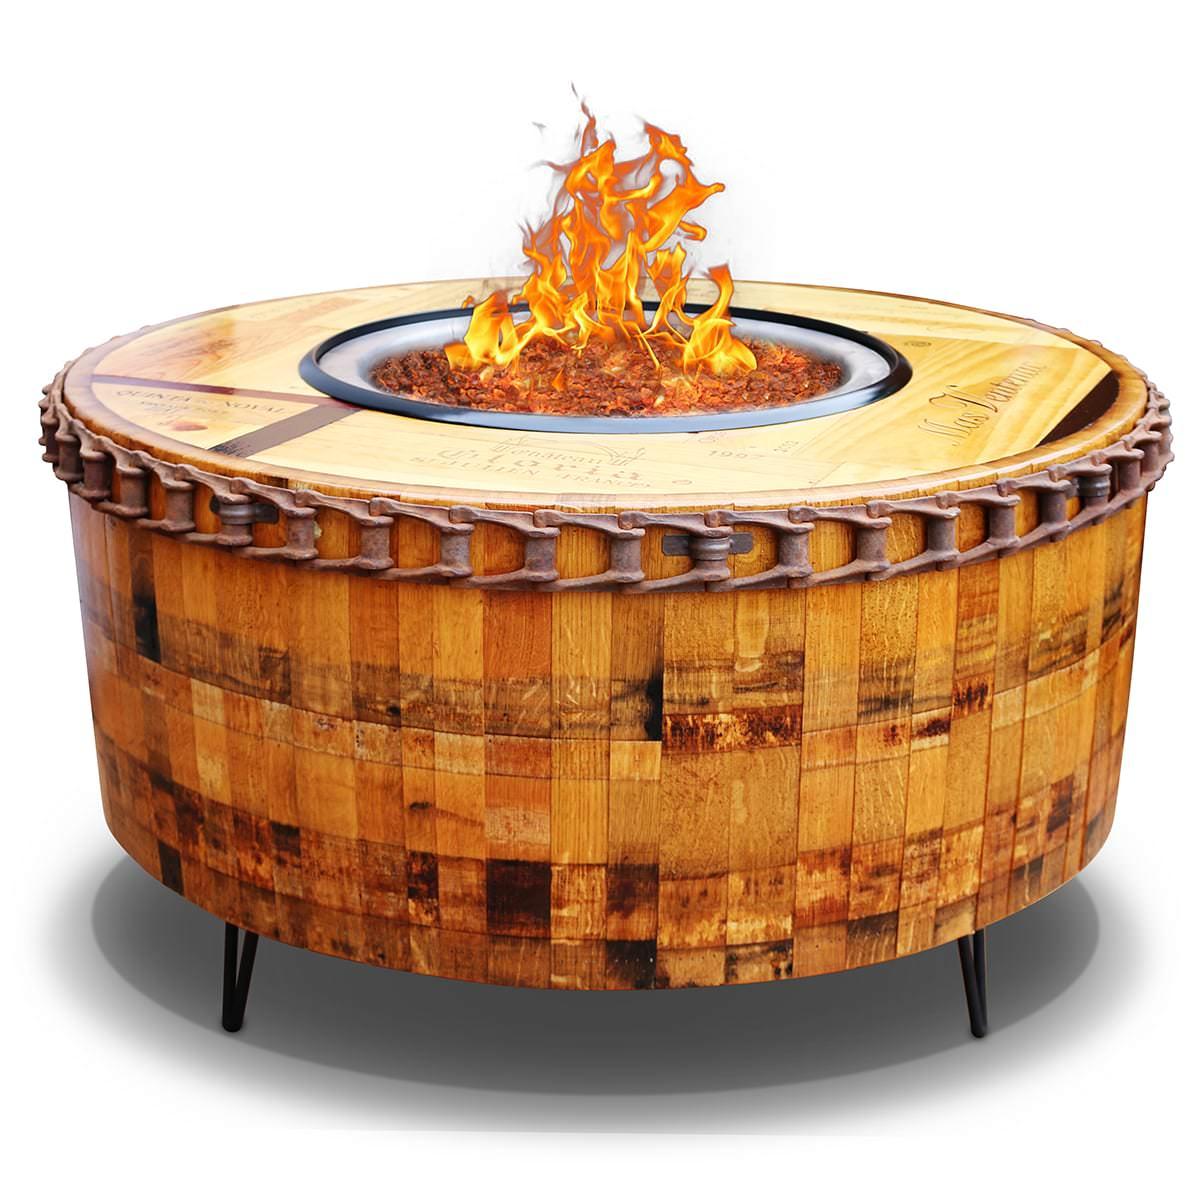 Moderna Wine Barrel Fire Pit Table